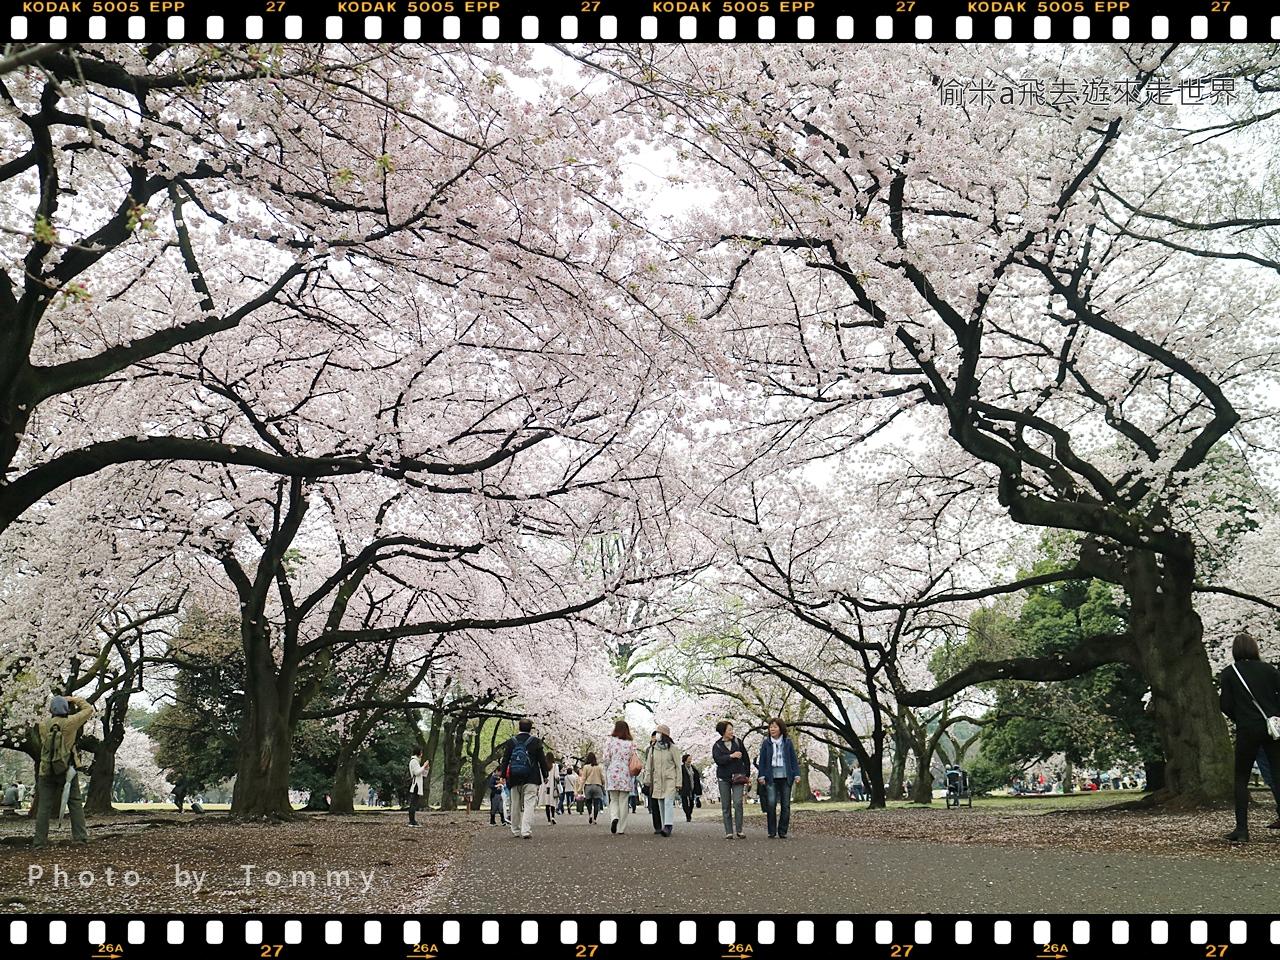 [東京賞櫻] 日本東京賞櫻人氣名所:最多櫻花品種,花期最長的新宿御苑